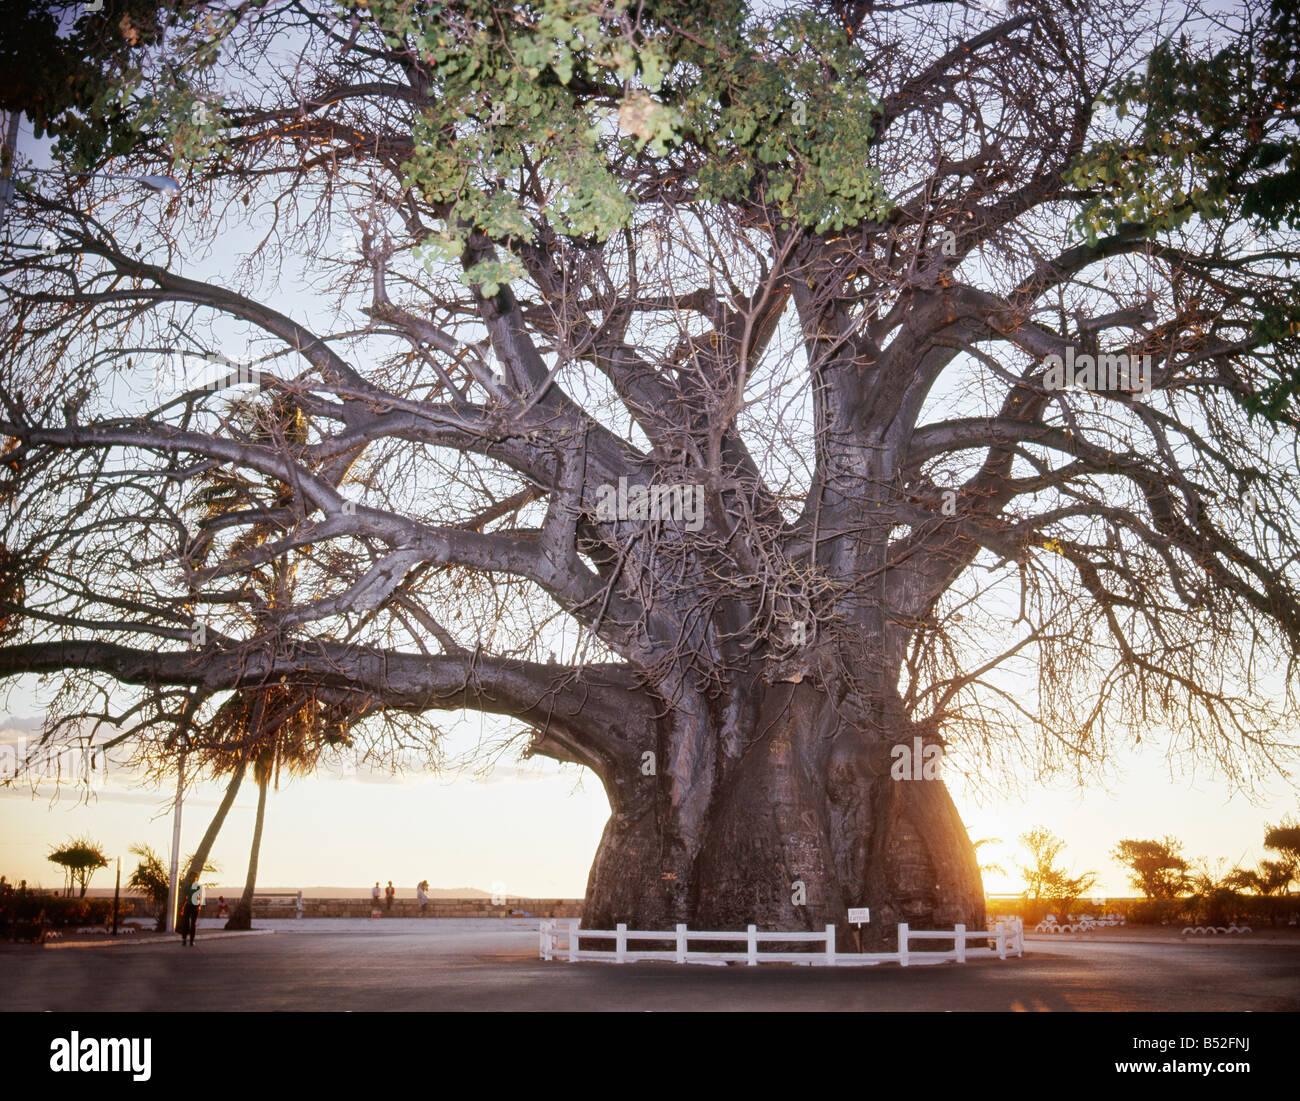 Le baobab emblême de Majunga est celèbre par sa circonférence exeptionnelle de 21 70m à 1m du - Stock Image